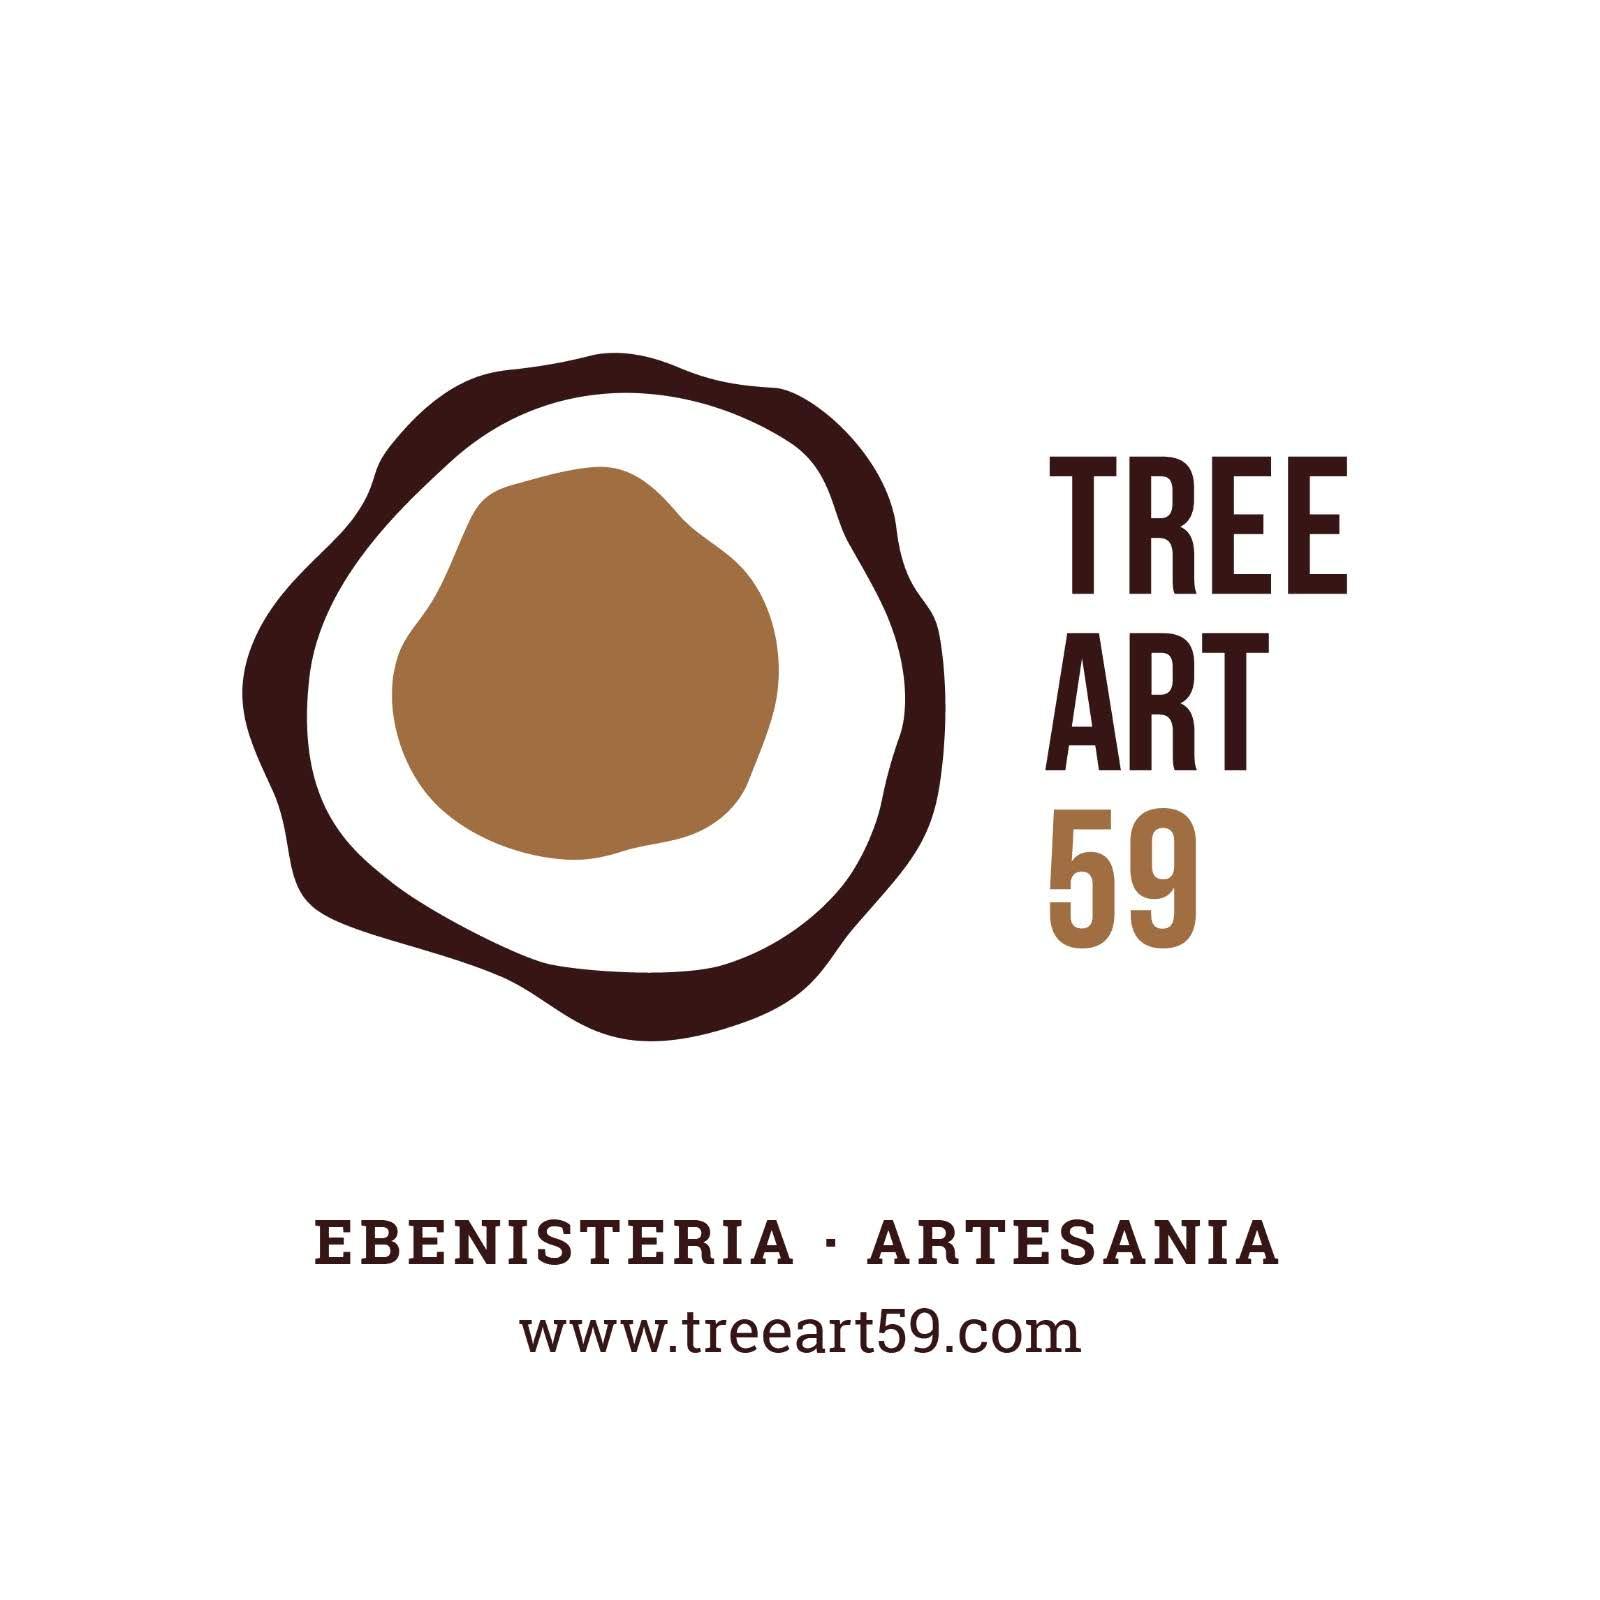 Treeart59